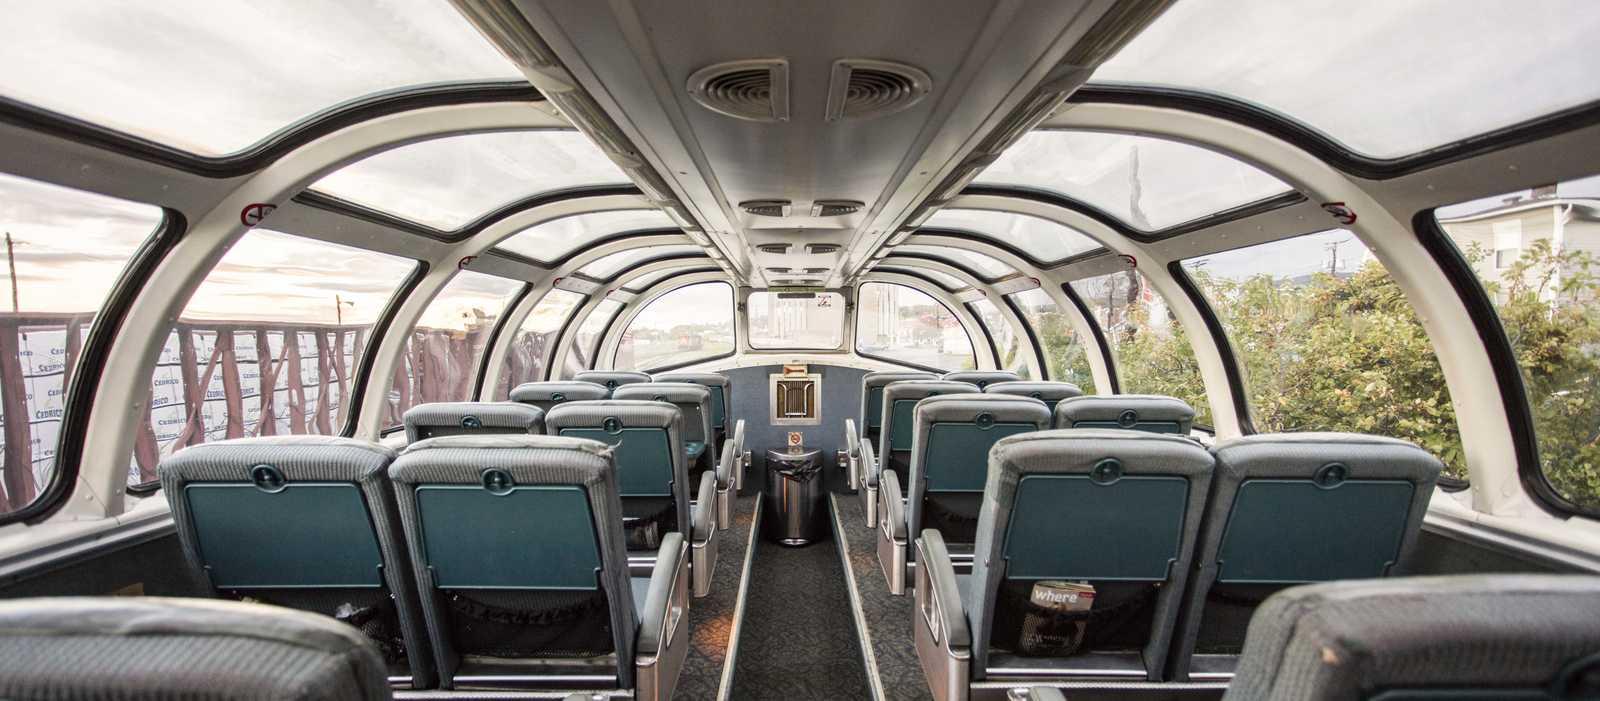 """Ein Abteil des """"The Ocean"""" Zuges von VIA Rail Canada"""